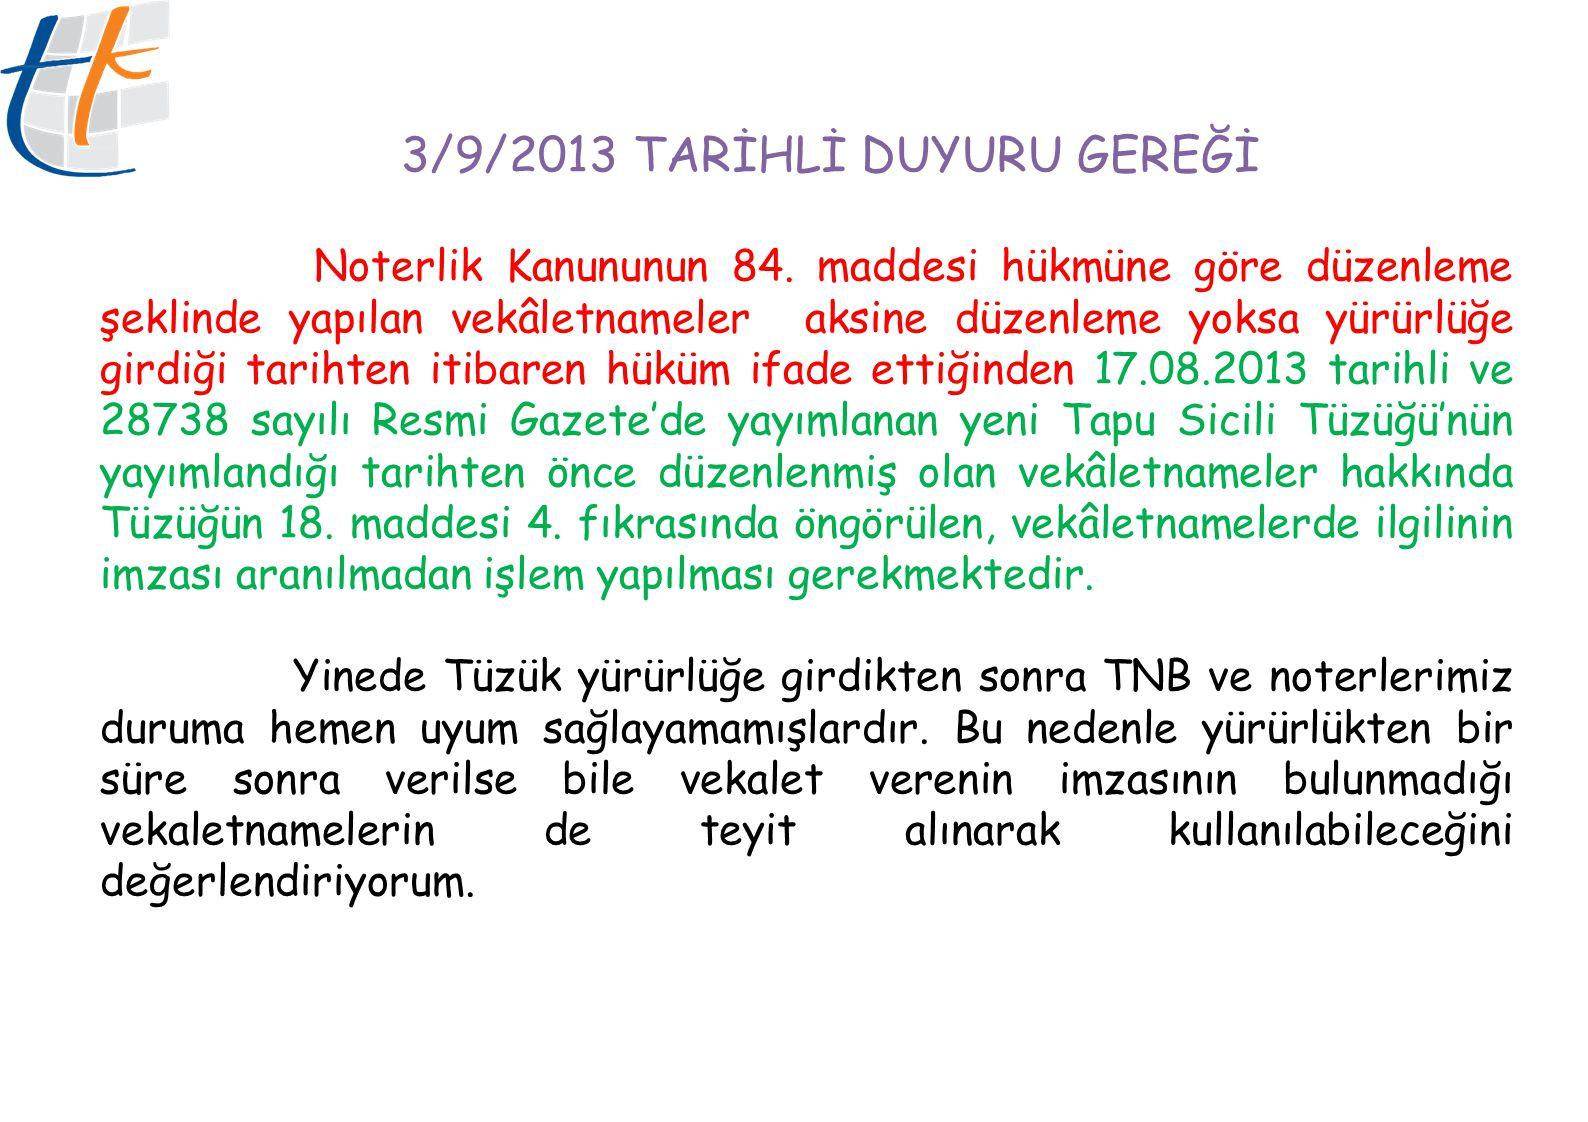 3/9/2013 TARİHLİ DUYURU GEREĞİ Noterlik Kanununun 84. maddesi hükmüne göre düzenleme şeklinde yapılan vekâletnameler aksine düzenleme yoksa yürürlüğe